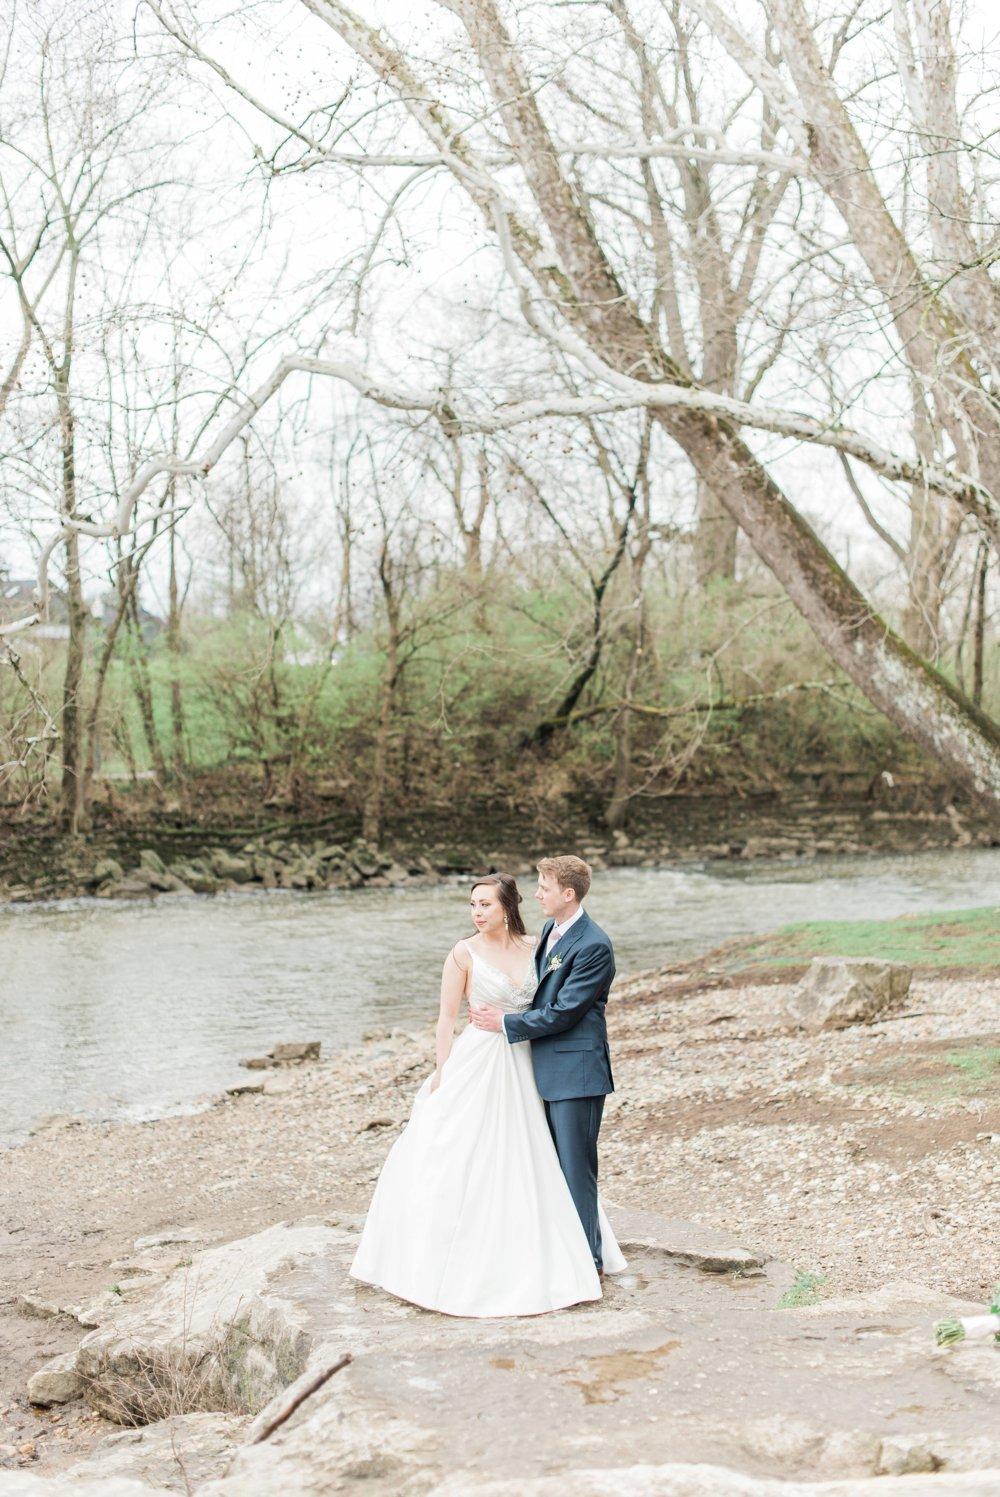 creekside-gahanna-ohio-wedding-kristin-joe_0075.jpg